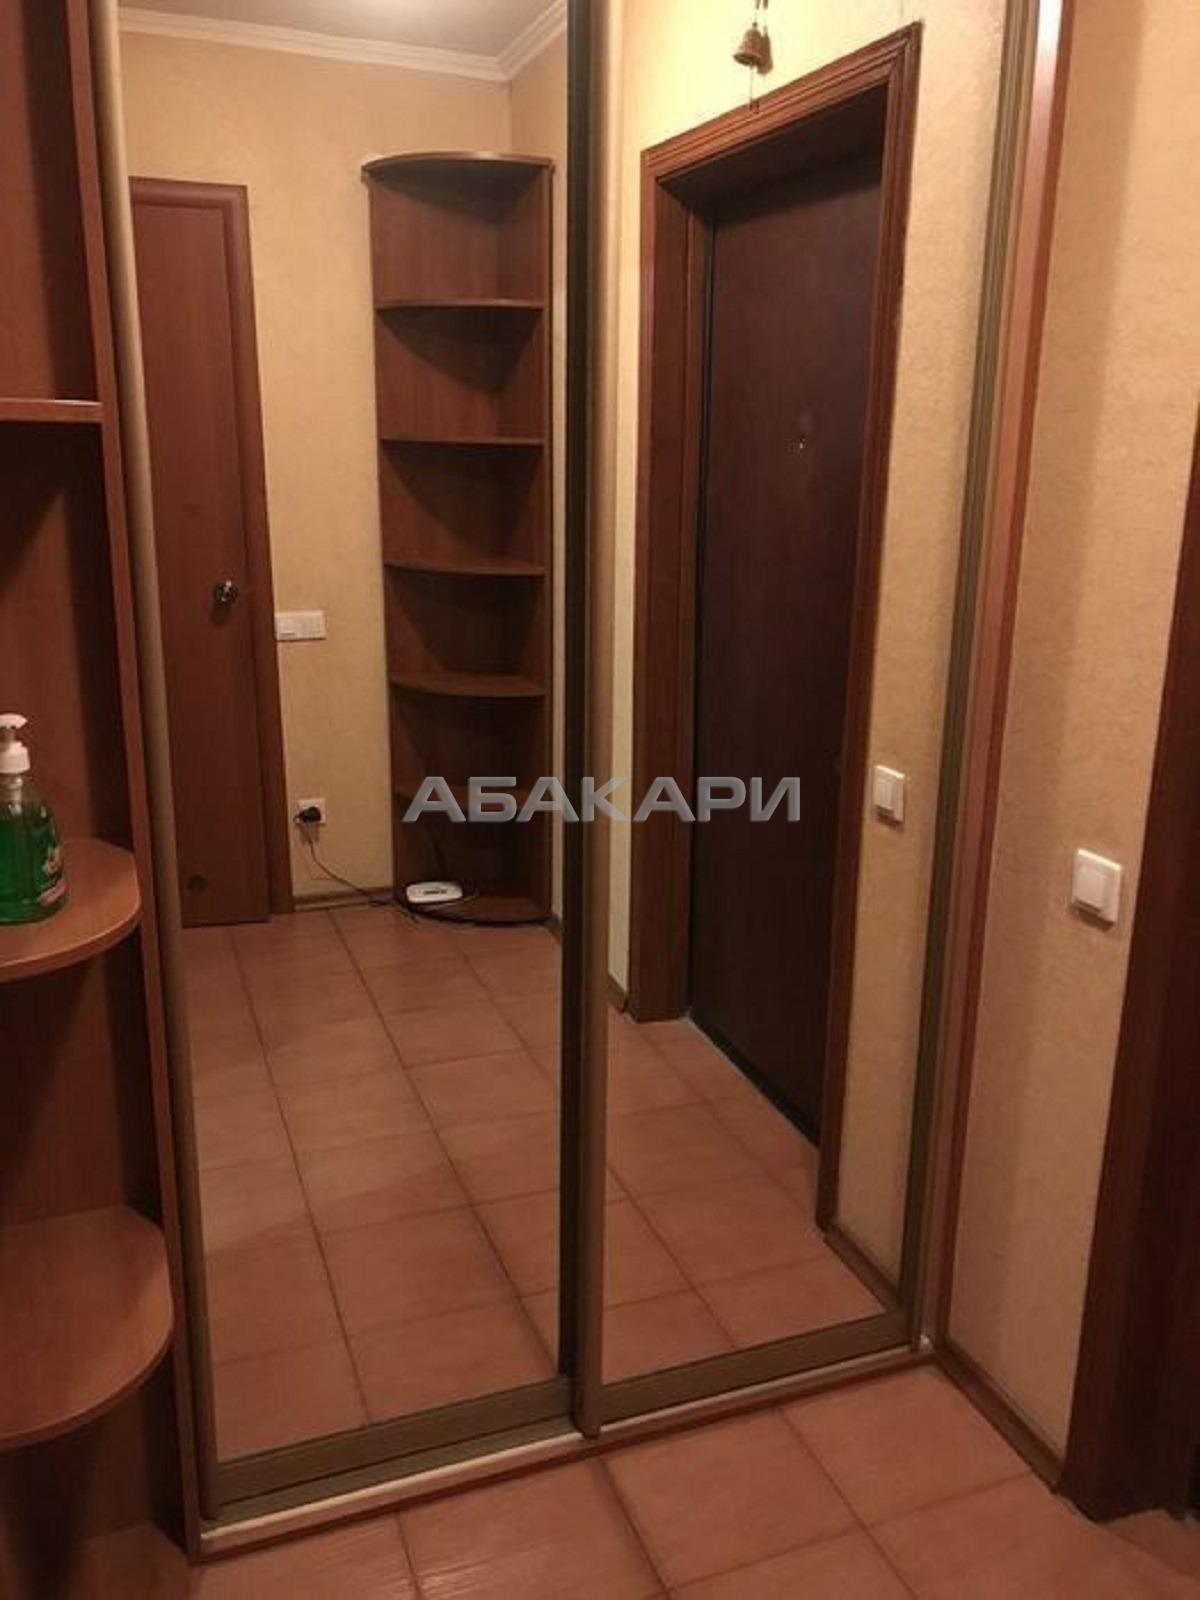 1к квартира улица Академика Киренского, 11 | 14500 | аренда в Красноярске фото 5